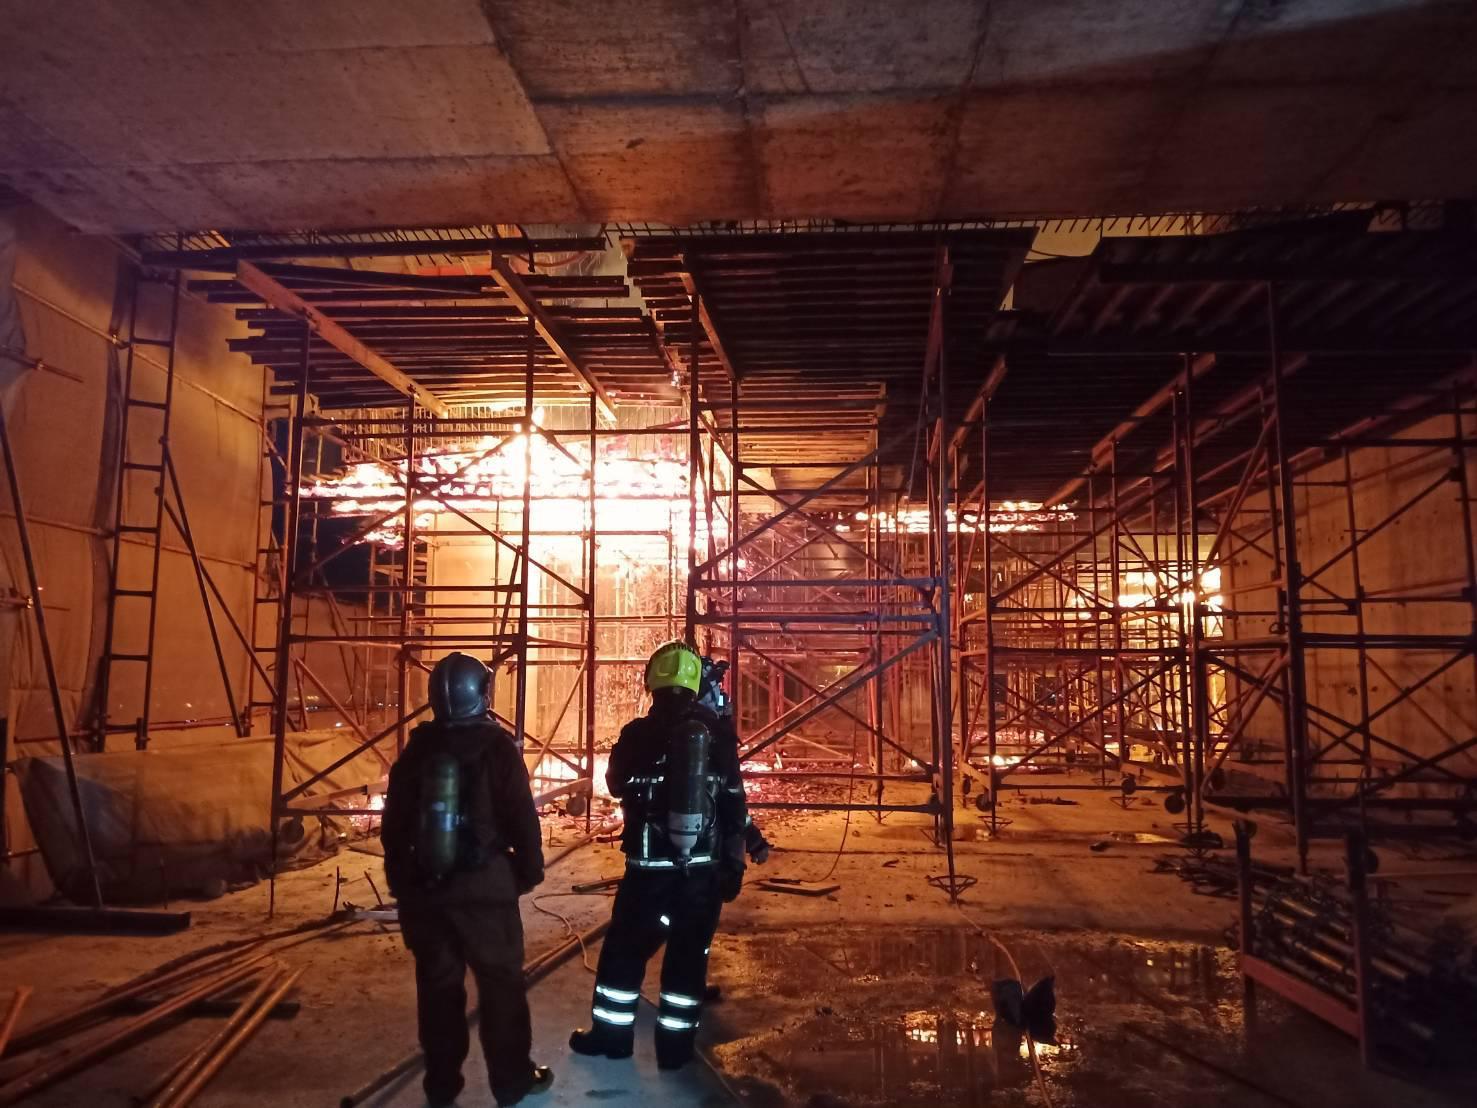 ระทึก!! ไฟไหม้ชั้นดาดฟ้าตึกสูง 37 ชั้น โครงการใหญ่กำลังก่อสร้าง ปากซอยวิภาวดี 9